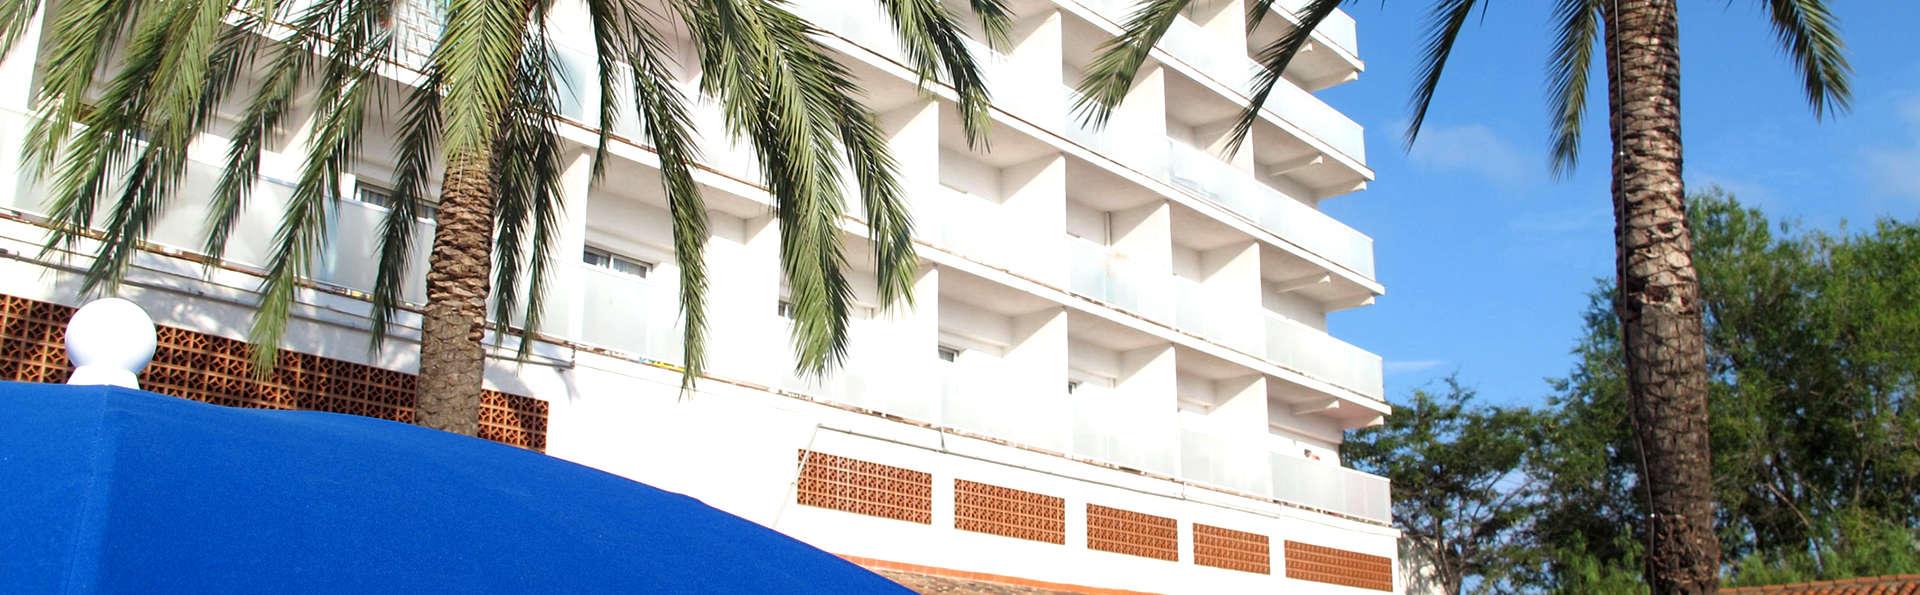 Ohtels San Salvador - Edit_Front2.jpg